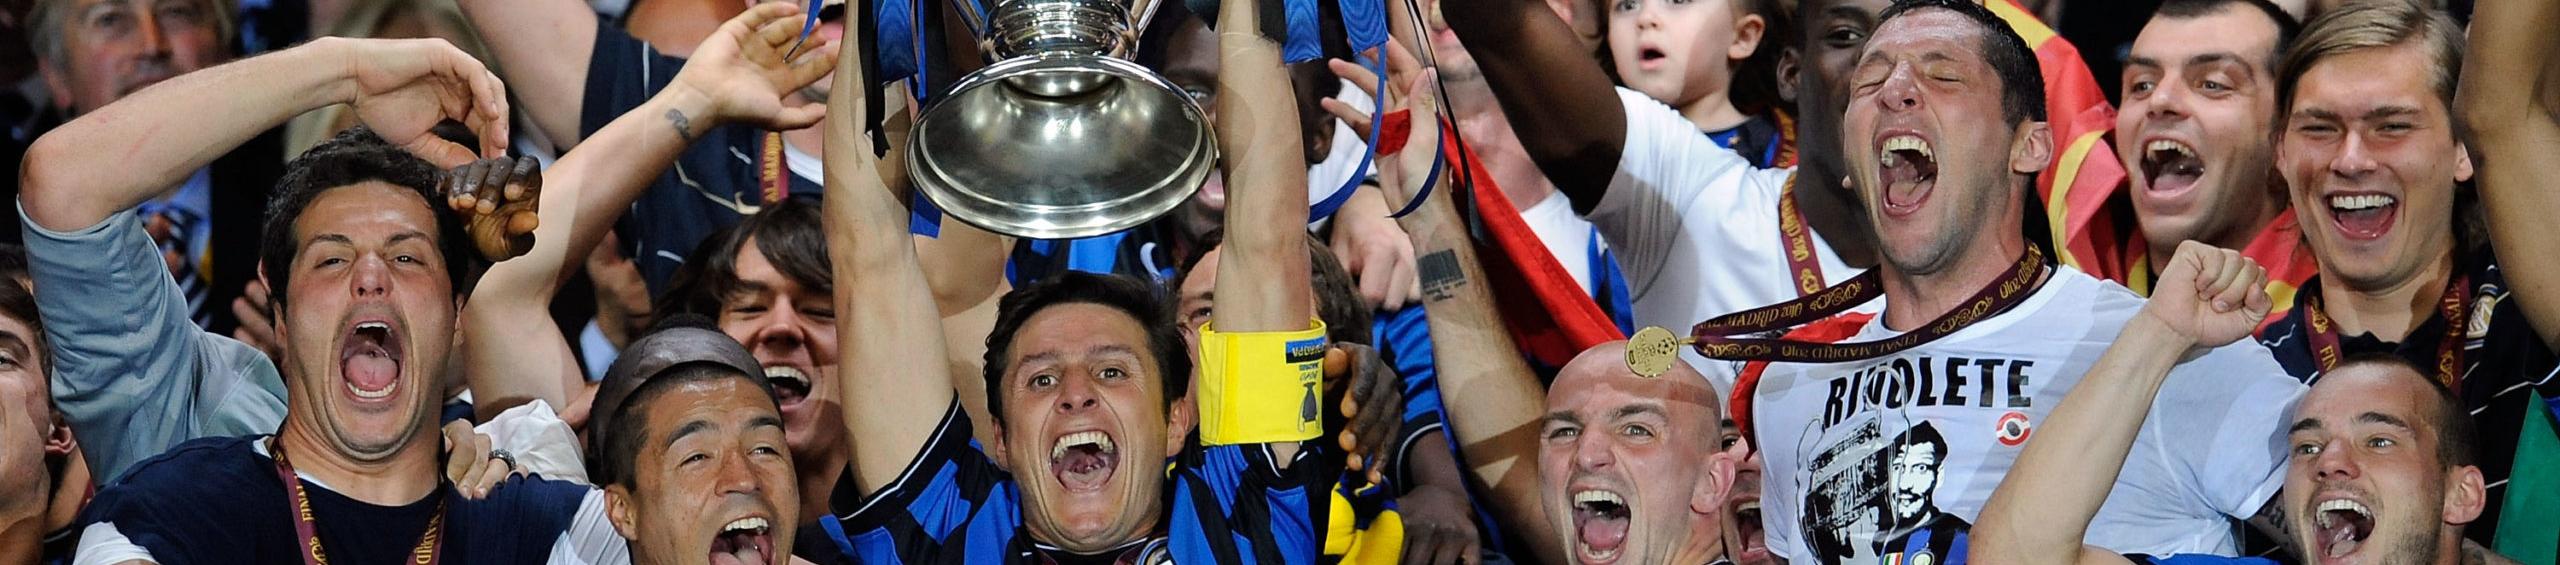 Le 5 migliori partite nella storia dell'Inter, dalla prima Coppa dei Campioni al Triplete